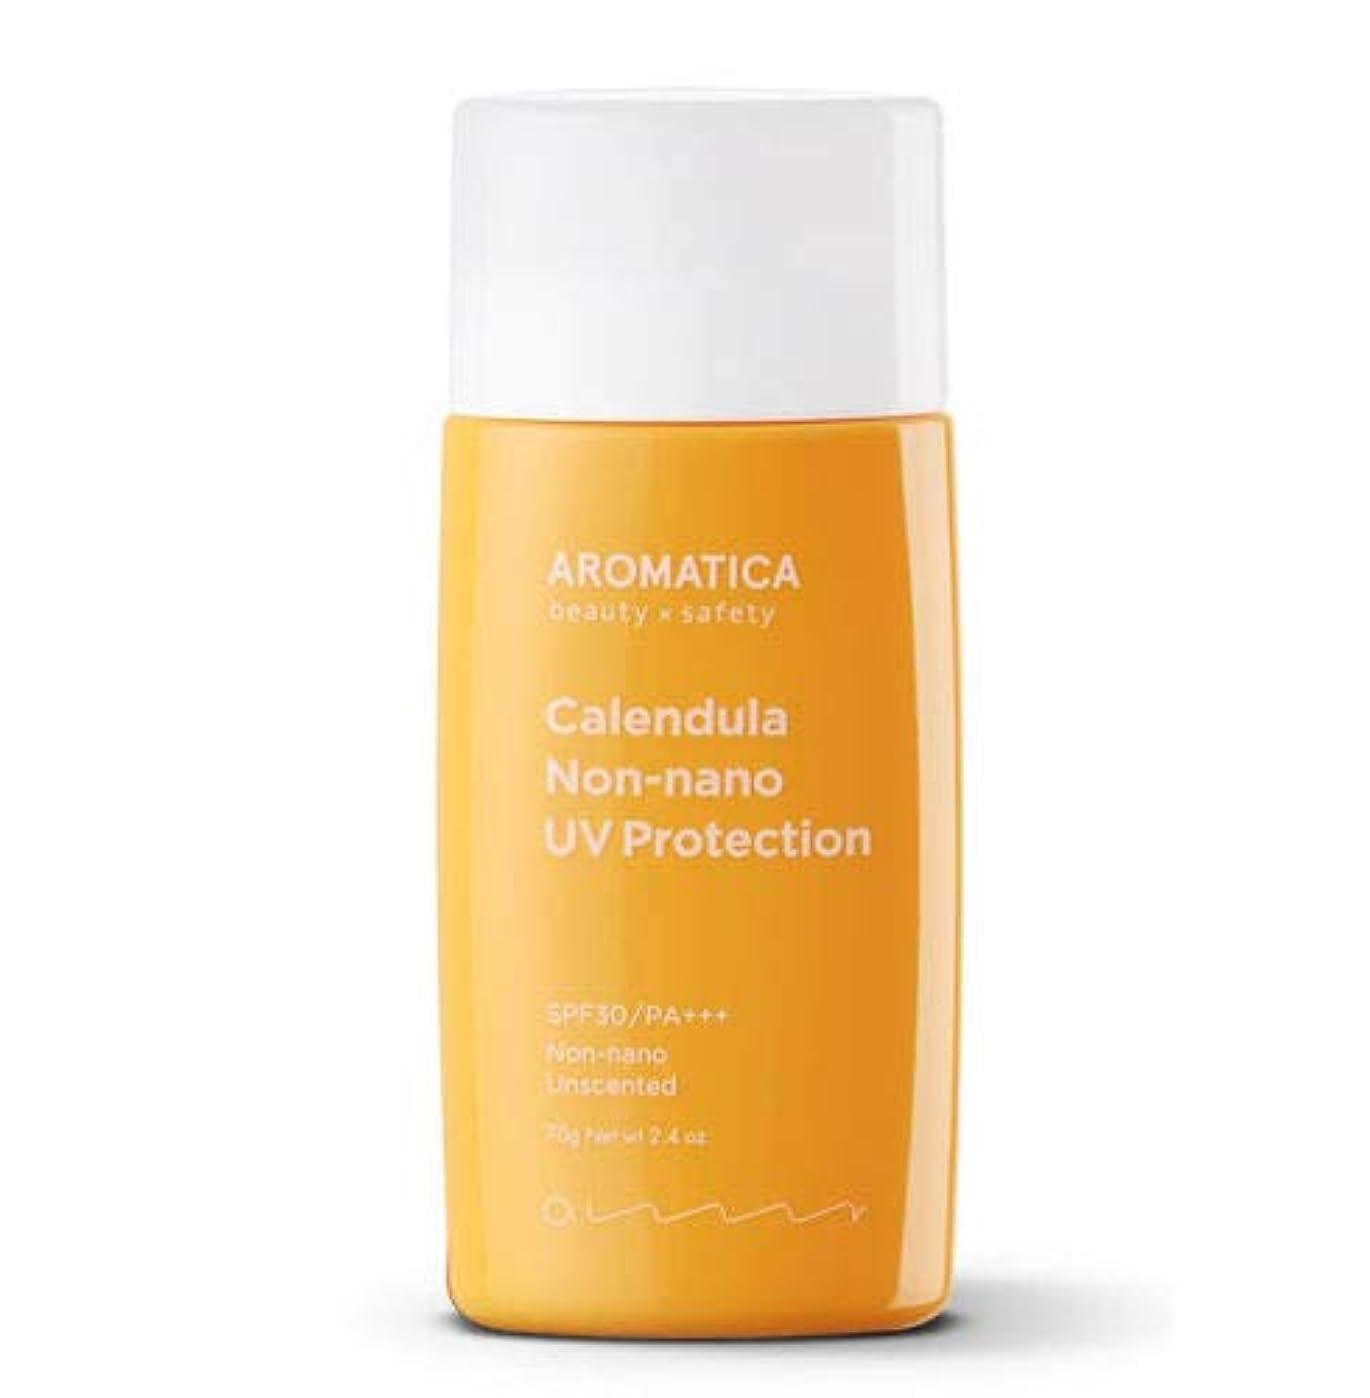 AROMATICA アロマティカ Calendula NON-NANO UV Protection Unscented サンクリーム 70g SPF30/PA+++ 米国 日焼け止め